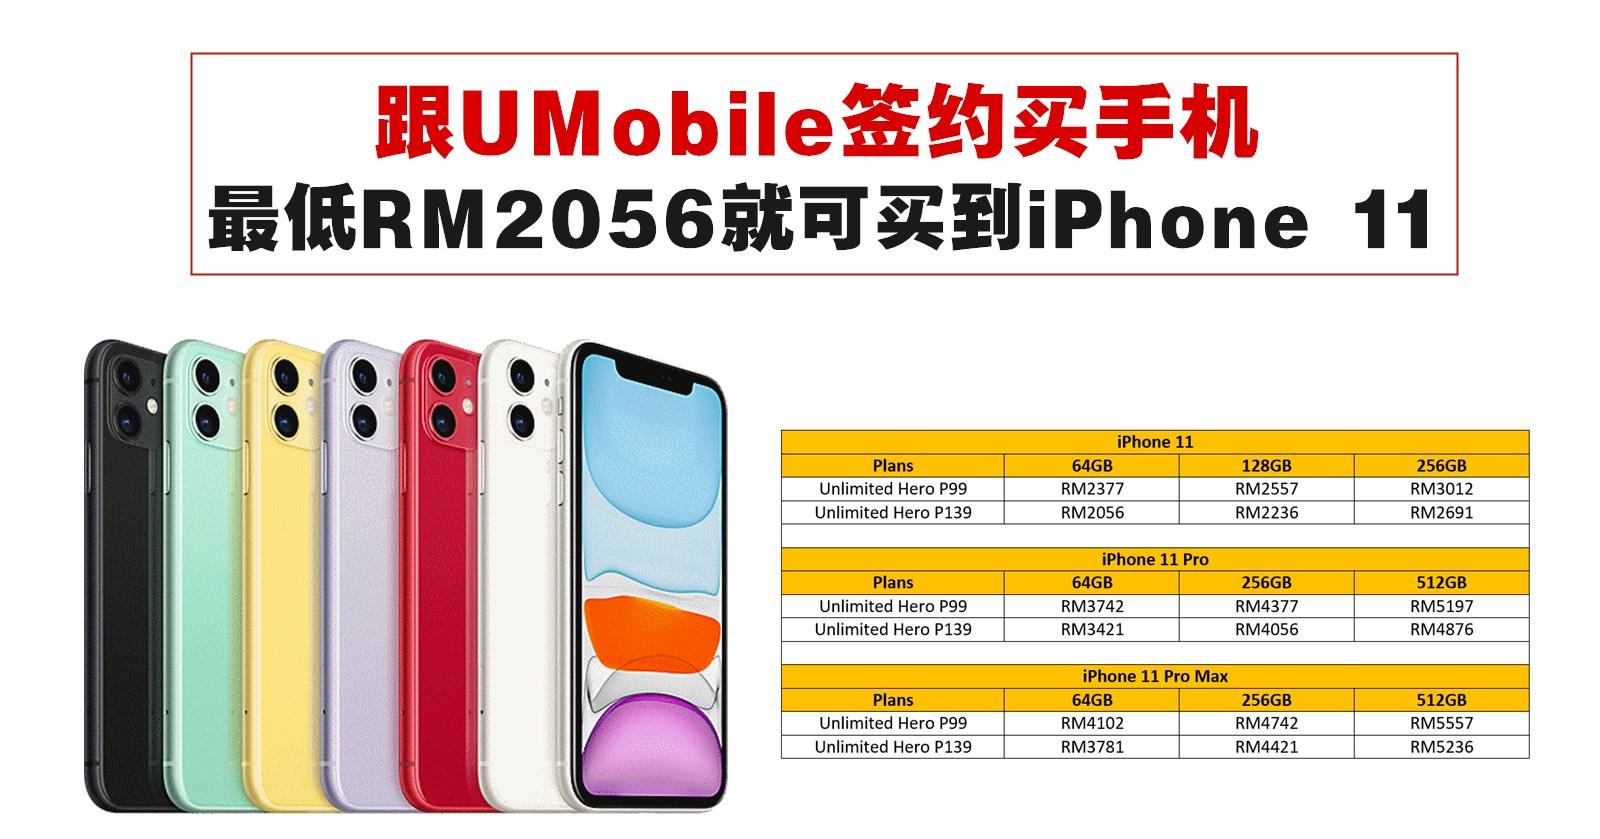 跟UMobile签约买手机,最低RM2056就可买到iPhone 11